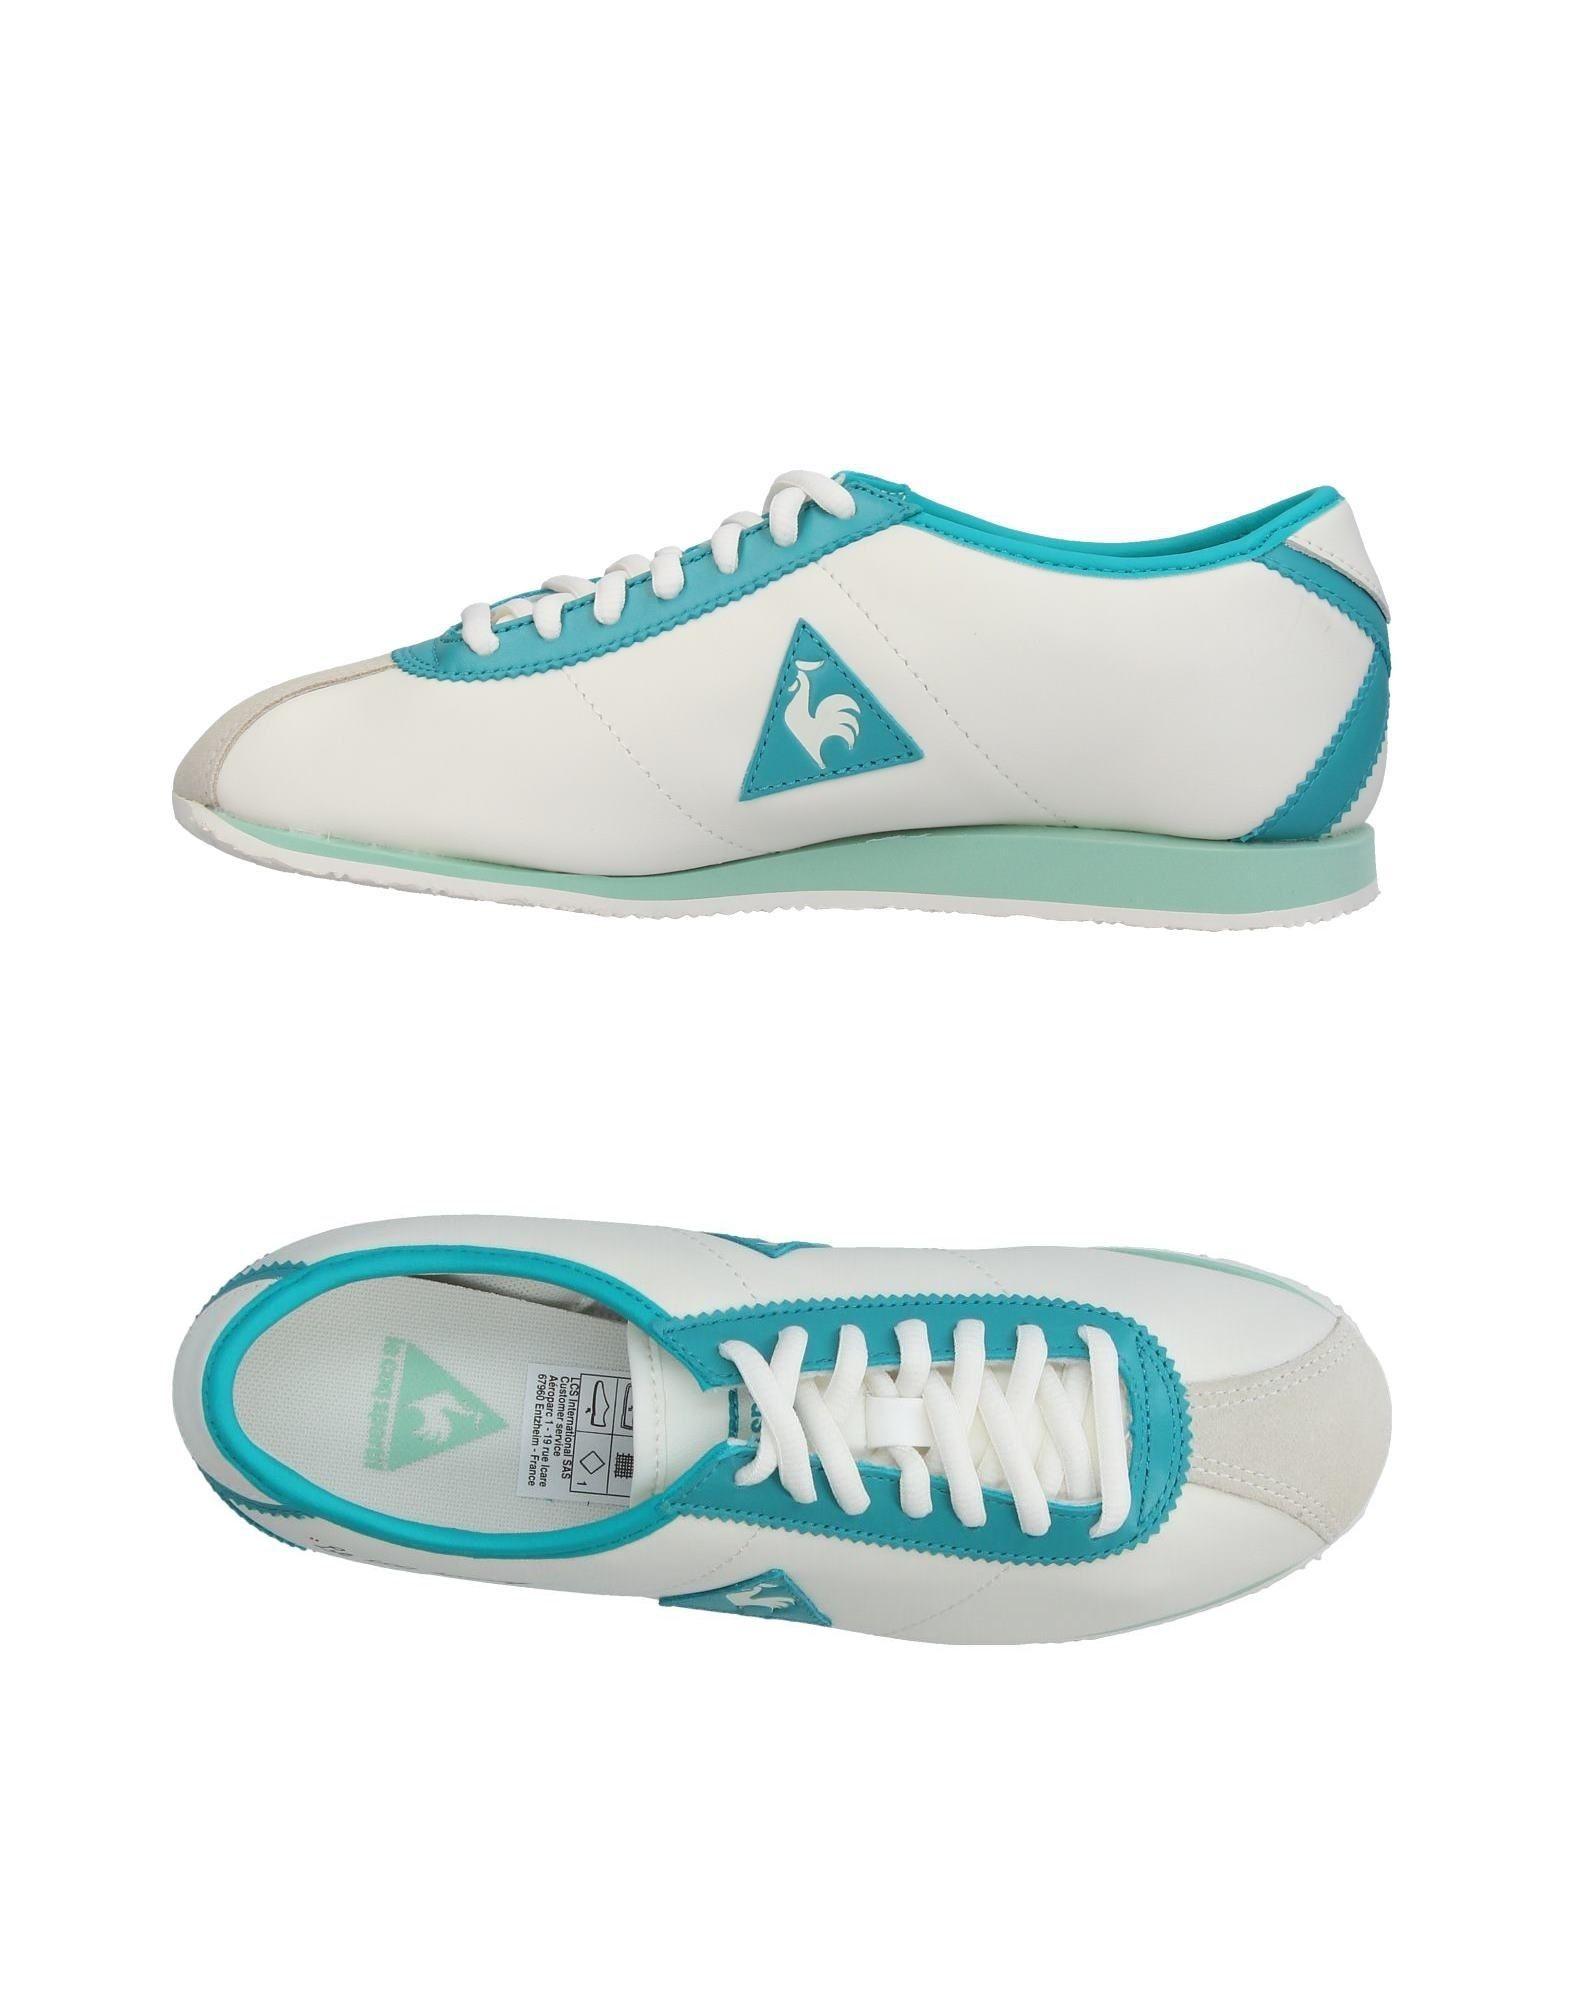 LE COQ SPORTIF Baskets Flash Sns Turquoise TM)J